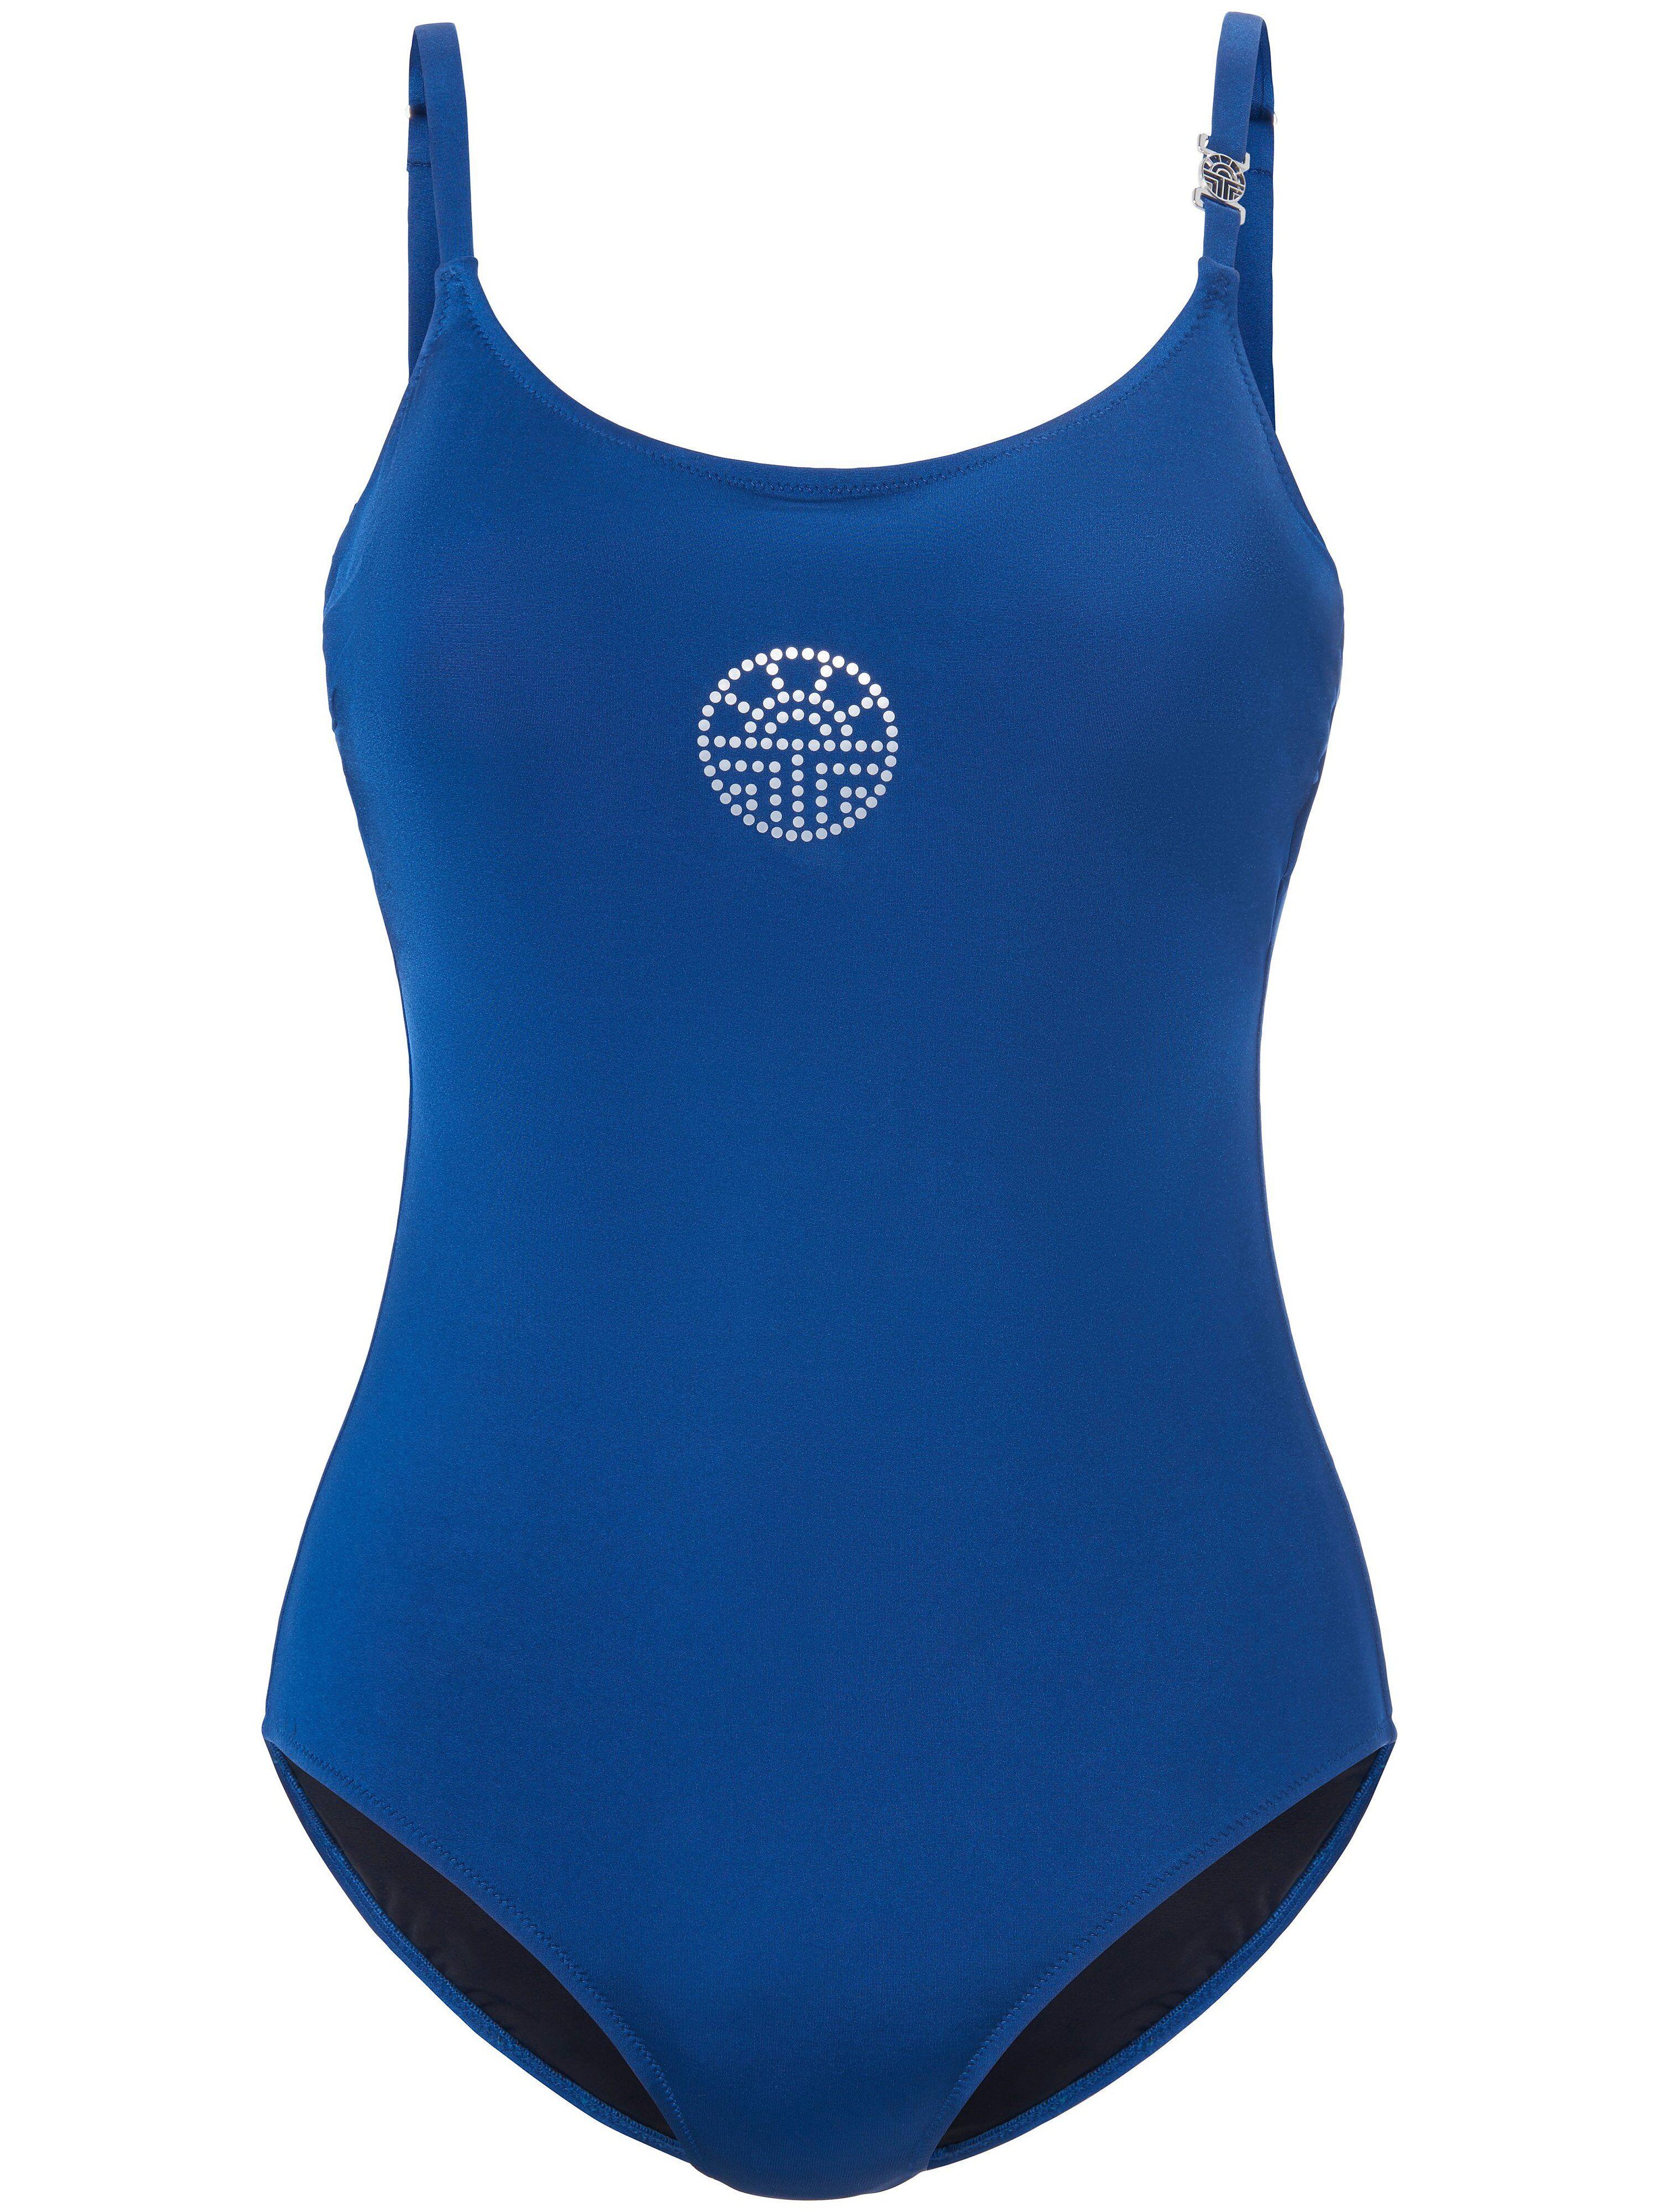 Féraud Le maillot bain à armatures  Féraud bleu  - Femme - 42